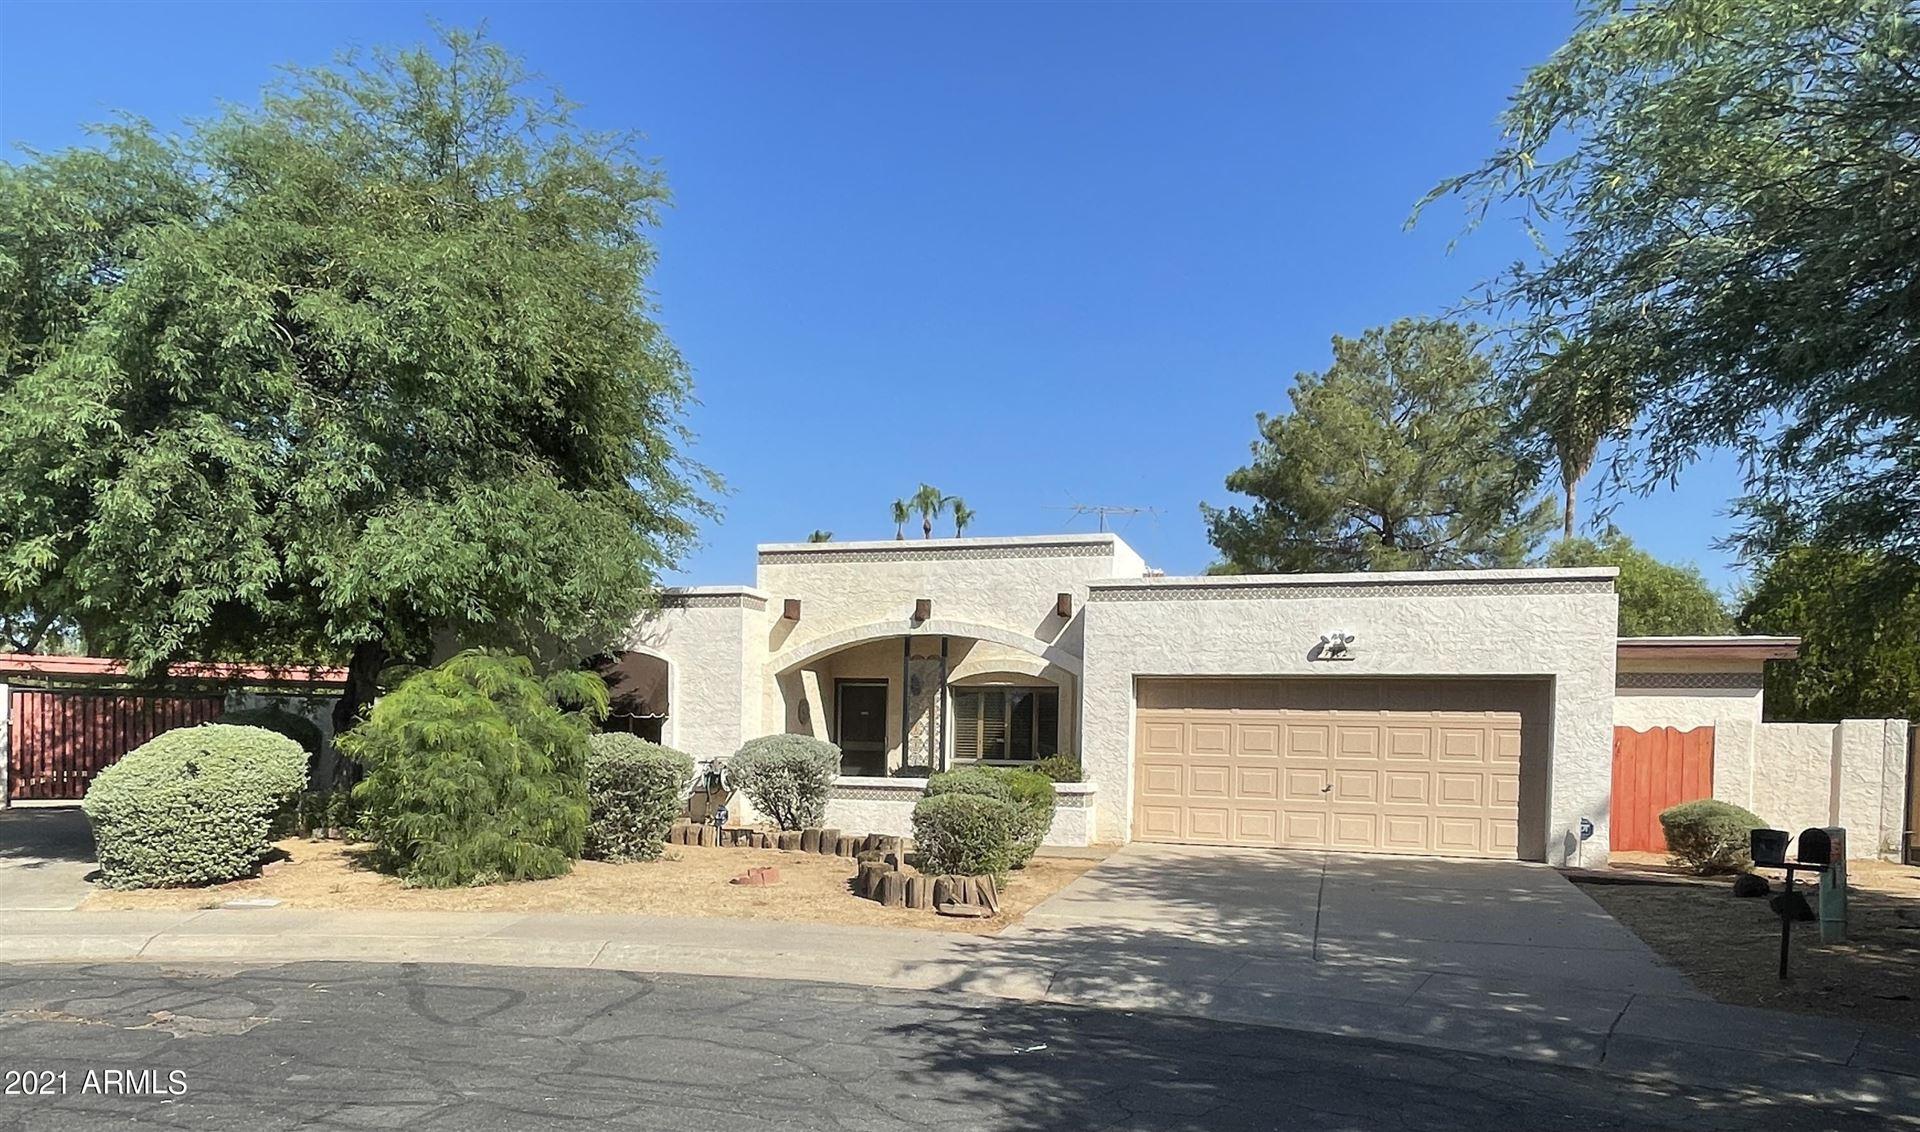 Photo of 7402 E IRONWOOD Court, Scottsdale, AZ 85258 (MLS # 6261594)